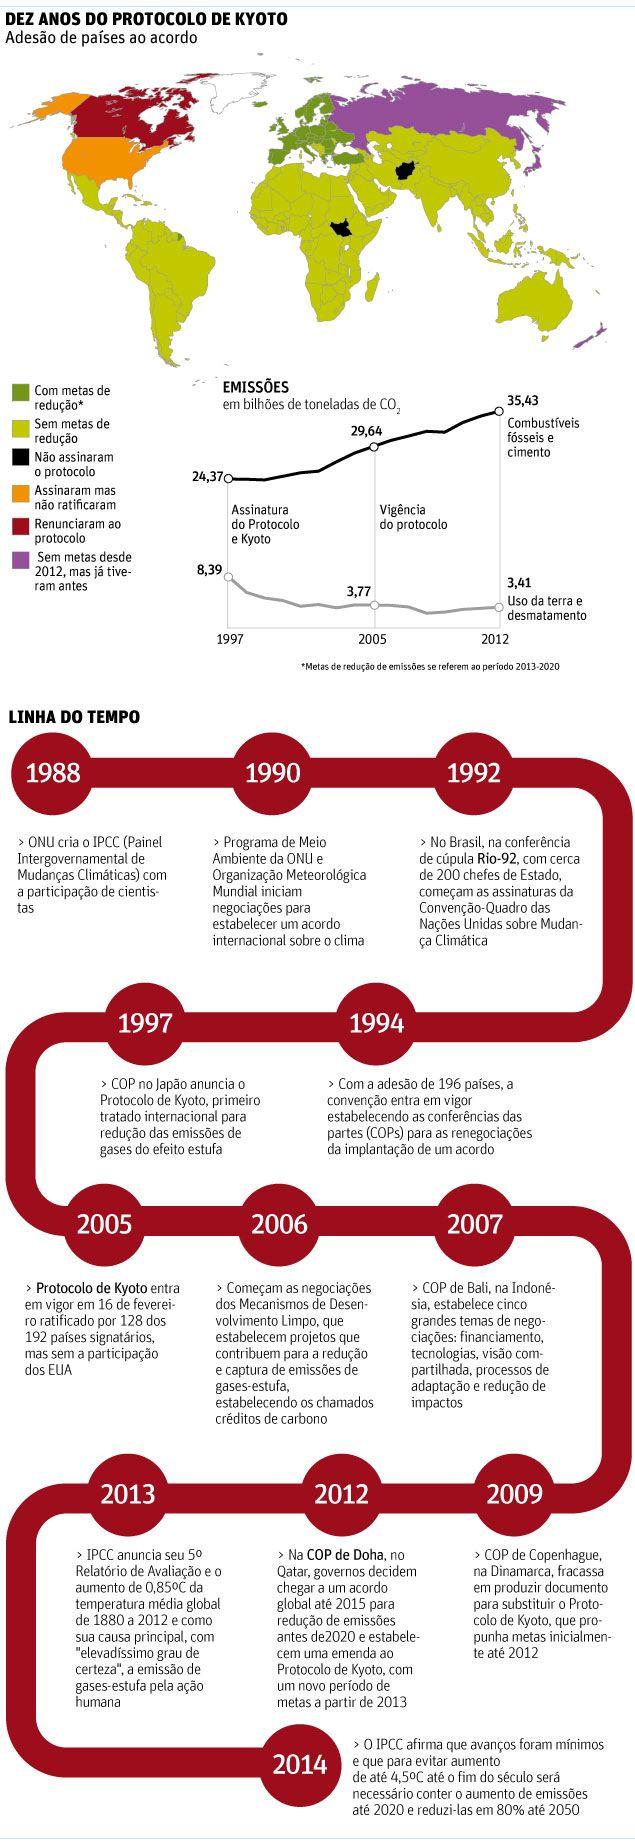 Dez anos depois, Protocolo de Kyoto falhou em reduzir emissões mundiais - 16/02/2015 - Ambiente - Folha de S.Paulo